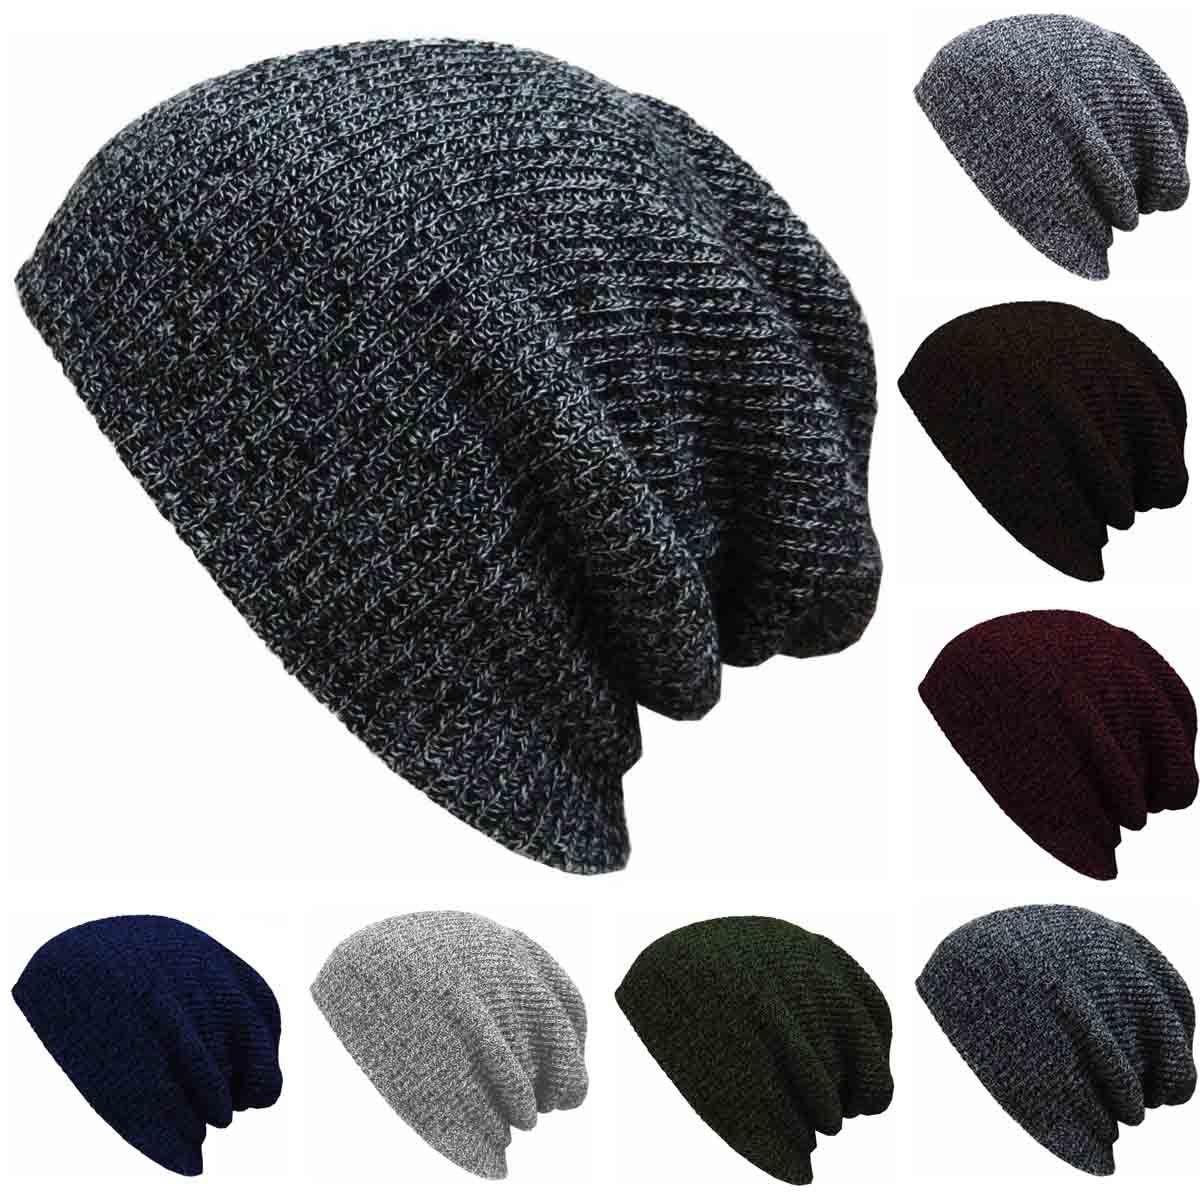 Hot Sale Fashion Unisex Oversize Long Beanie Baggy Cap Crochet Knit Hat Autumn Winter Men Women Slouch Cap Ski Hat